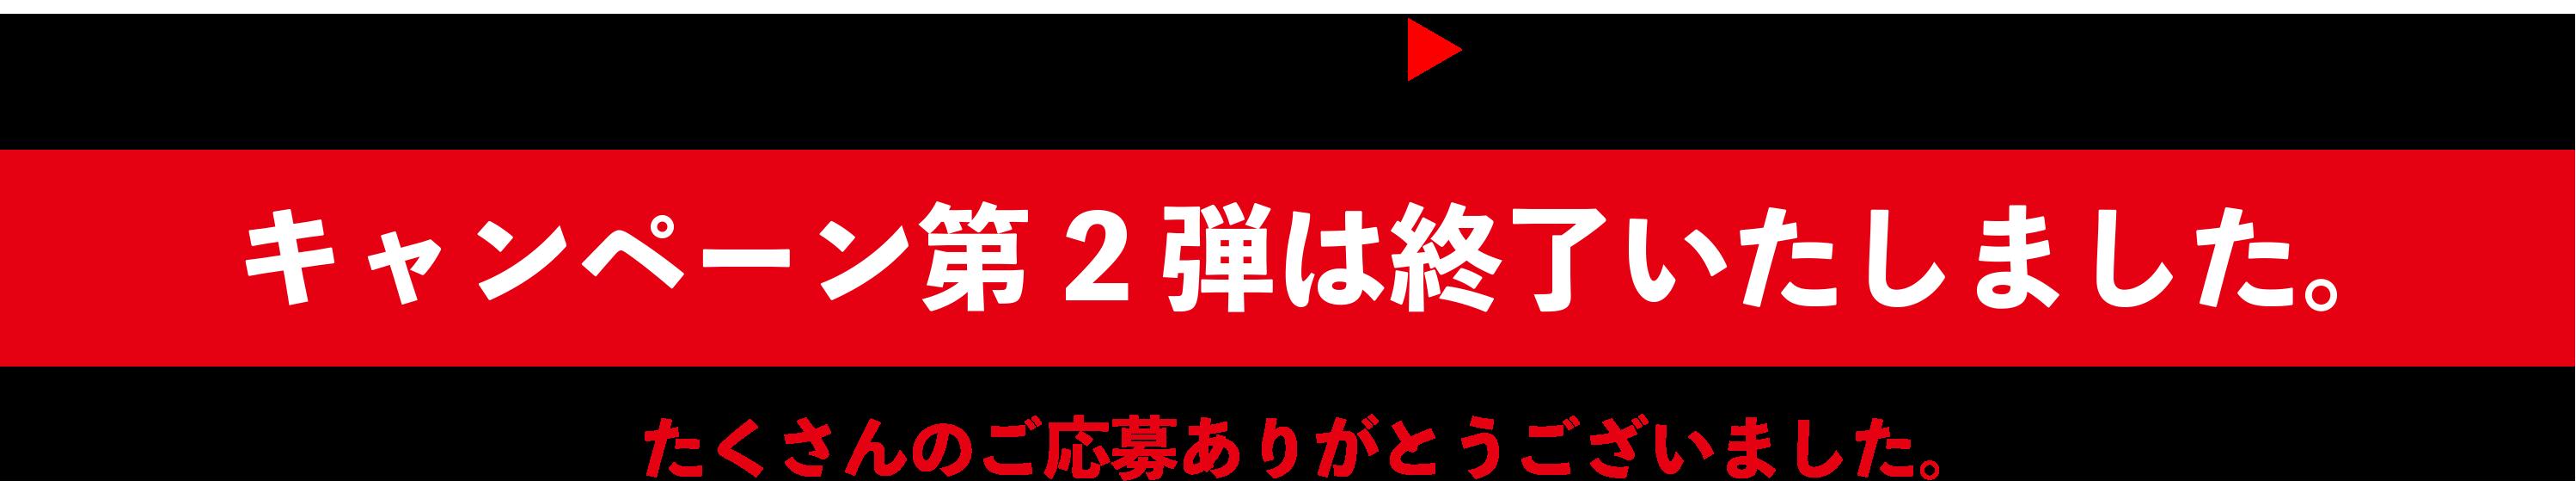 応募期間:2020年8月25日(火)〜2020年9月10日(木)